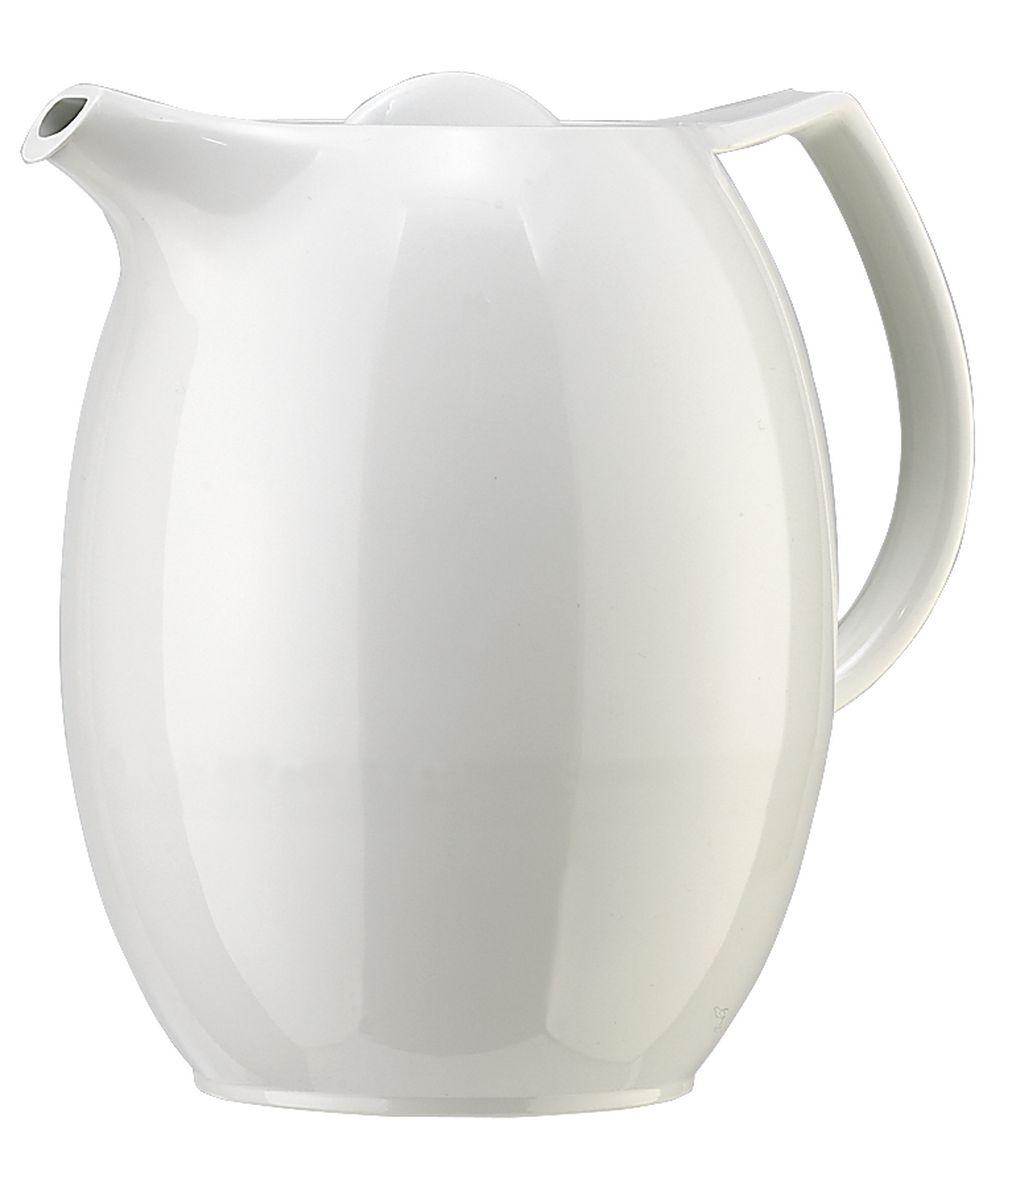 Термос-чайник Emsa Ellipse, с ситечком, цвет: белый, 1 л. 50369268/5/3Чайник с ситечком и завинчивающейся пробкой.Объём: 1,0 л.Классический дизайн.С высококачественной вакуумной стеклянной колбой.100 % герметичный.В комплекте с фильтром для чая Aroma.Высококачественная имитация фарфора. Гарантия 5 лет.